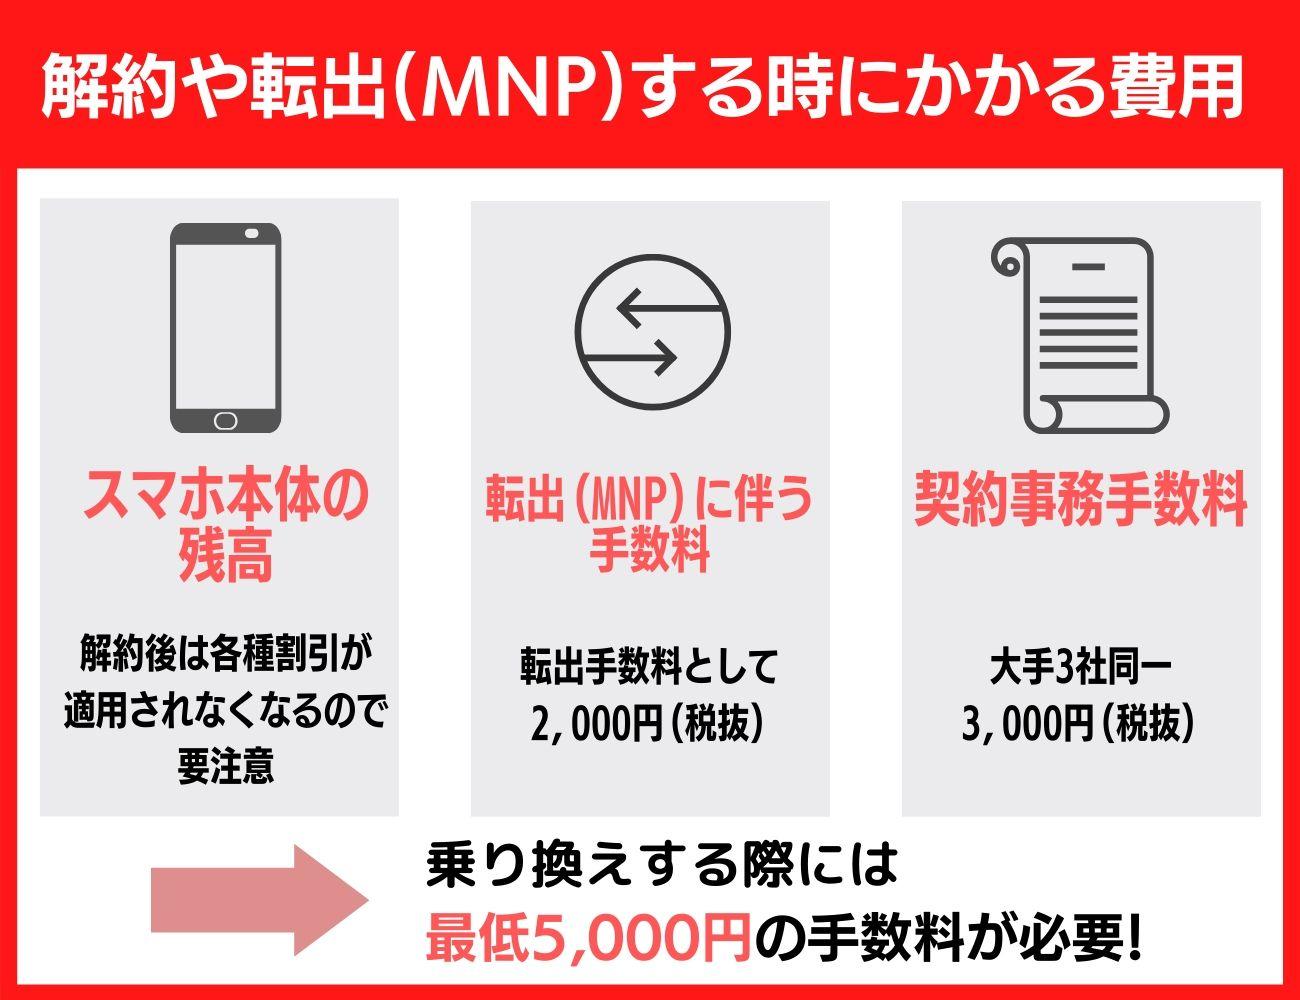 ドコモを解約や転出(MNP)する場合にかかる費用